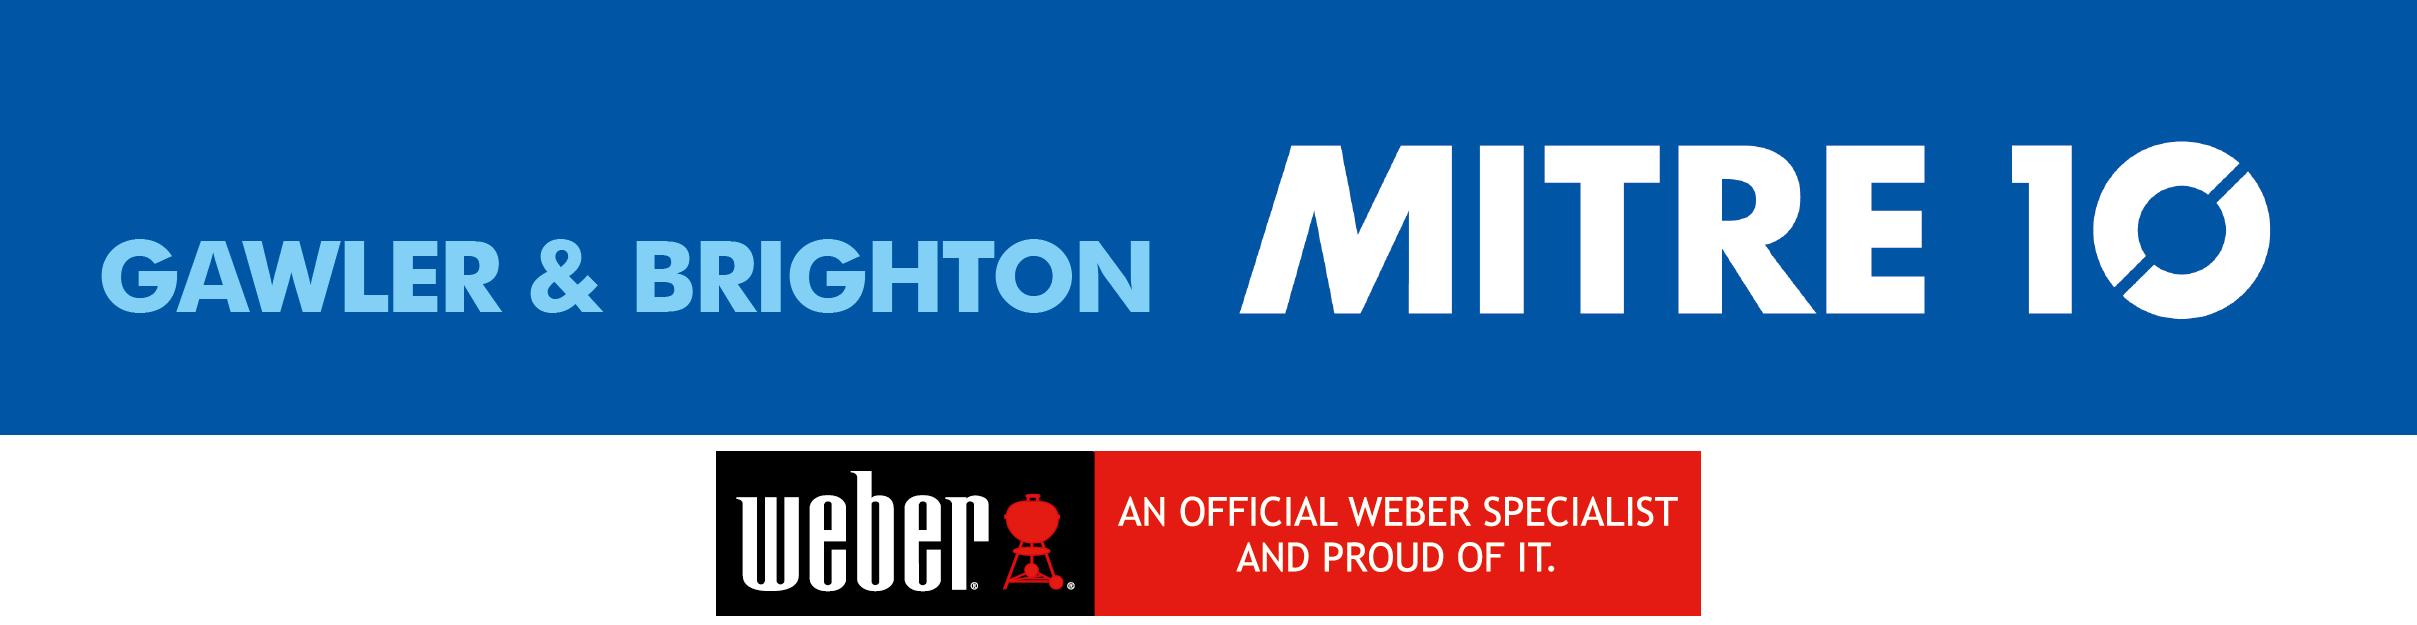 Mitre 10 Gawler & Brighton Logo